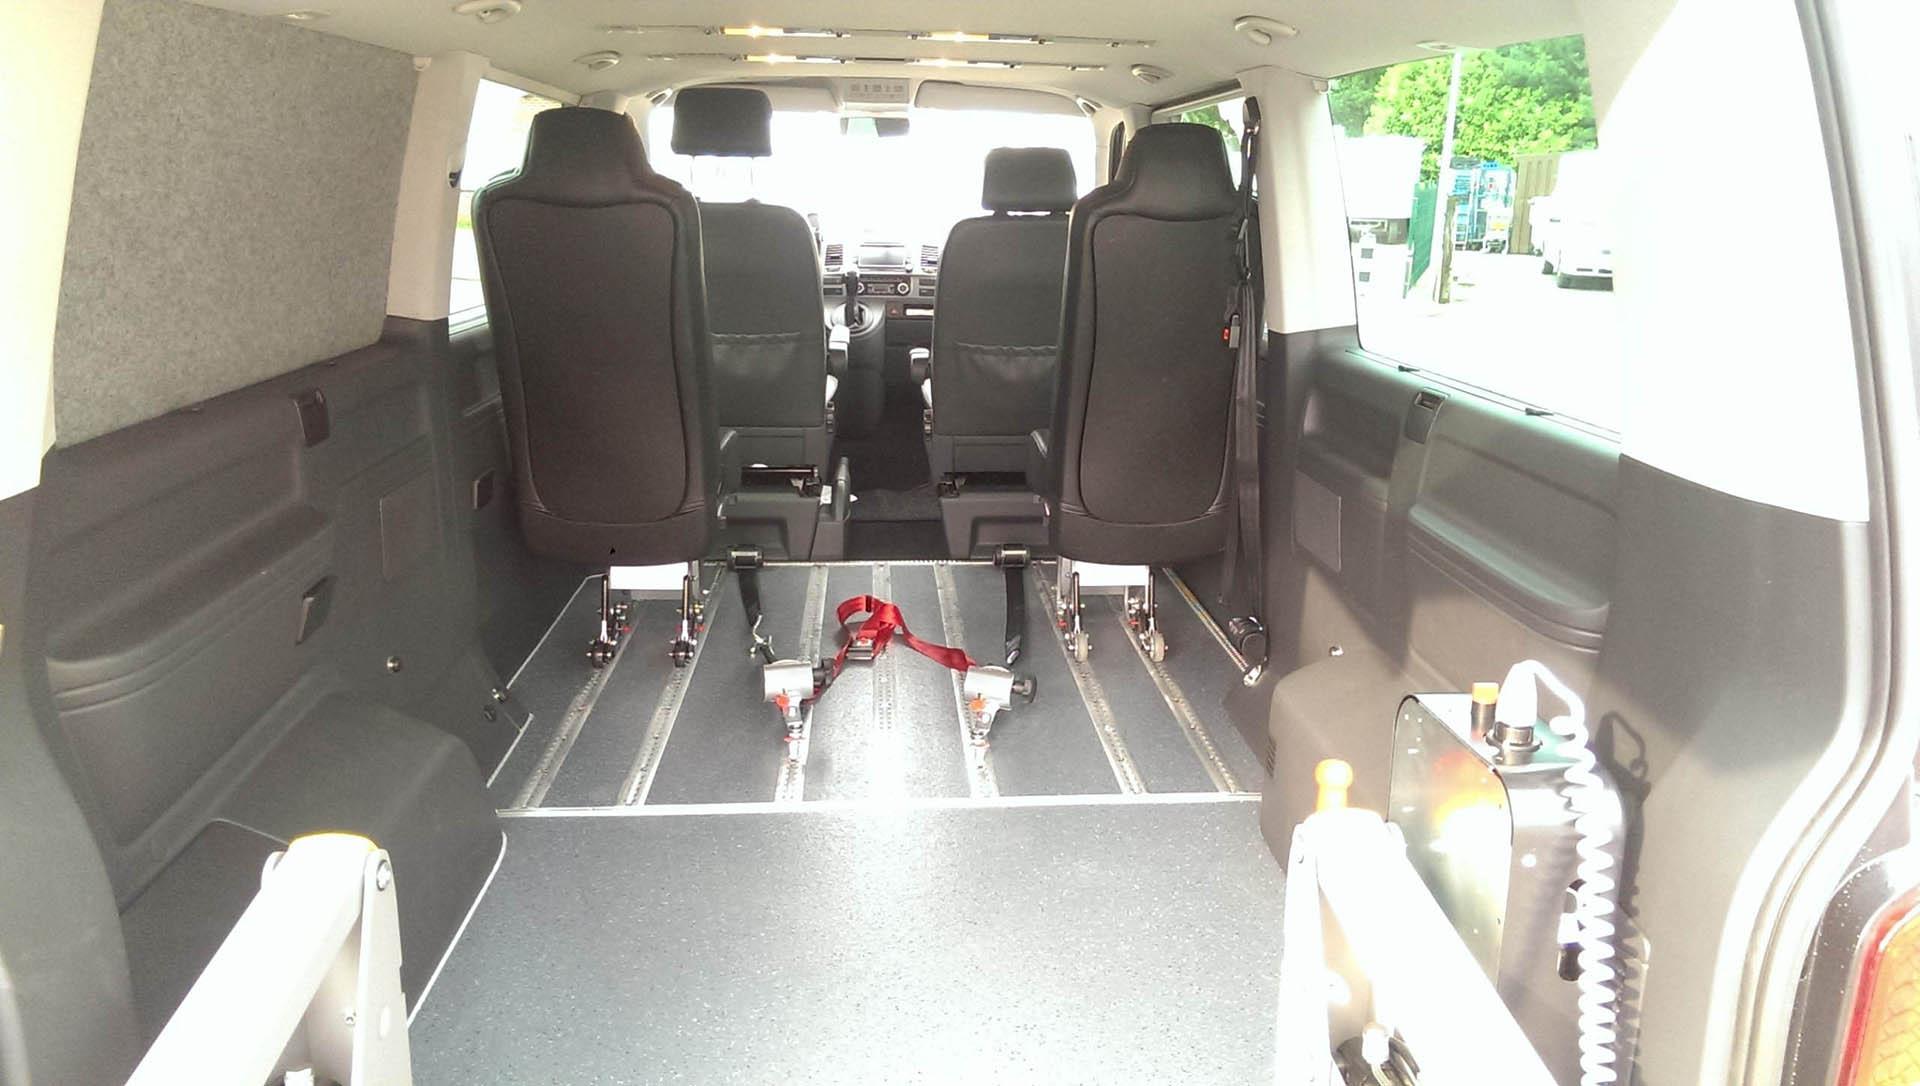 Particuliere rolstoelvervoer met rolstoel TUSSEN de achter stoelen, daardoor tussen de voorstoelen doorkijken.